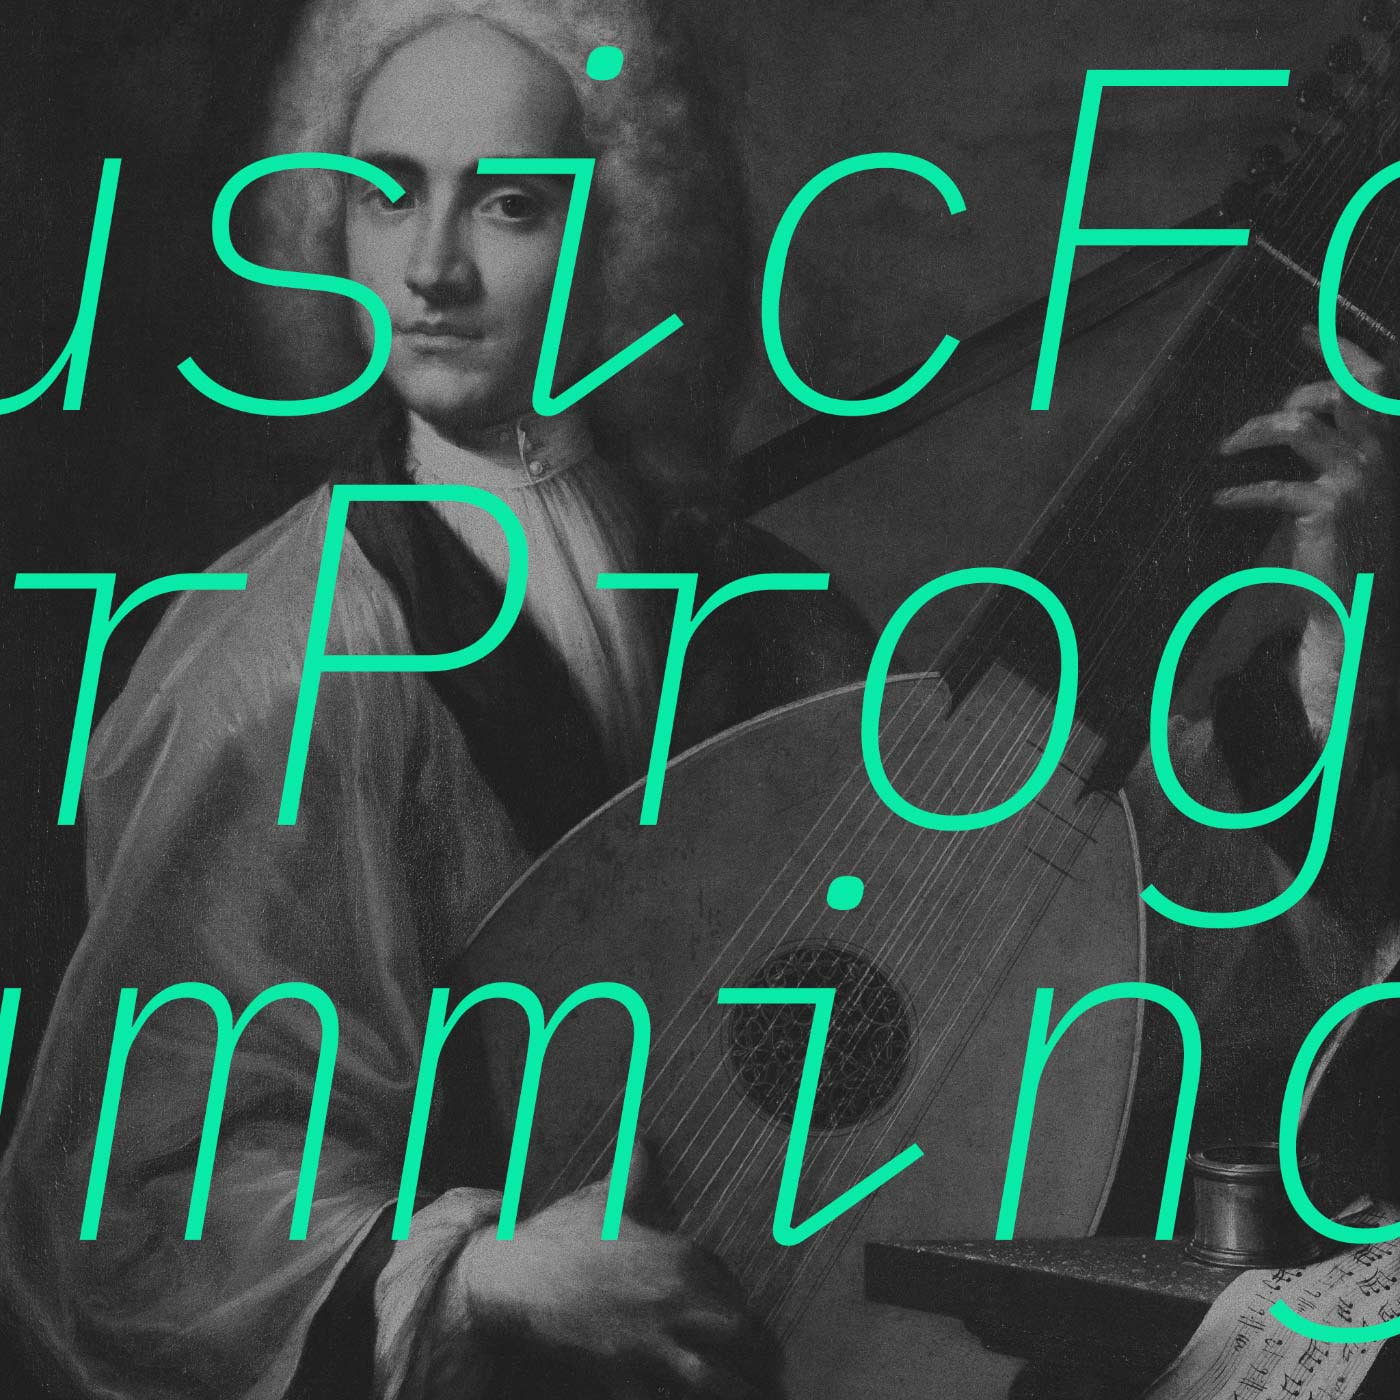 https://i2.wp.com/musicforprogramming.net/img/folder.jpg